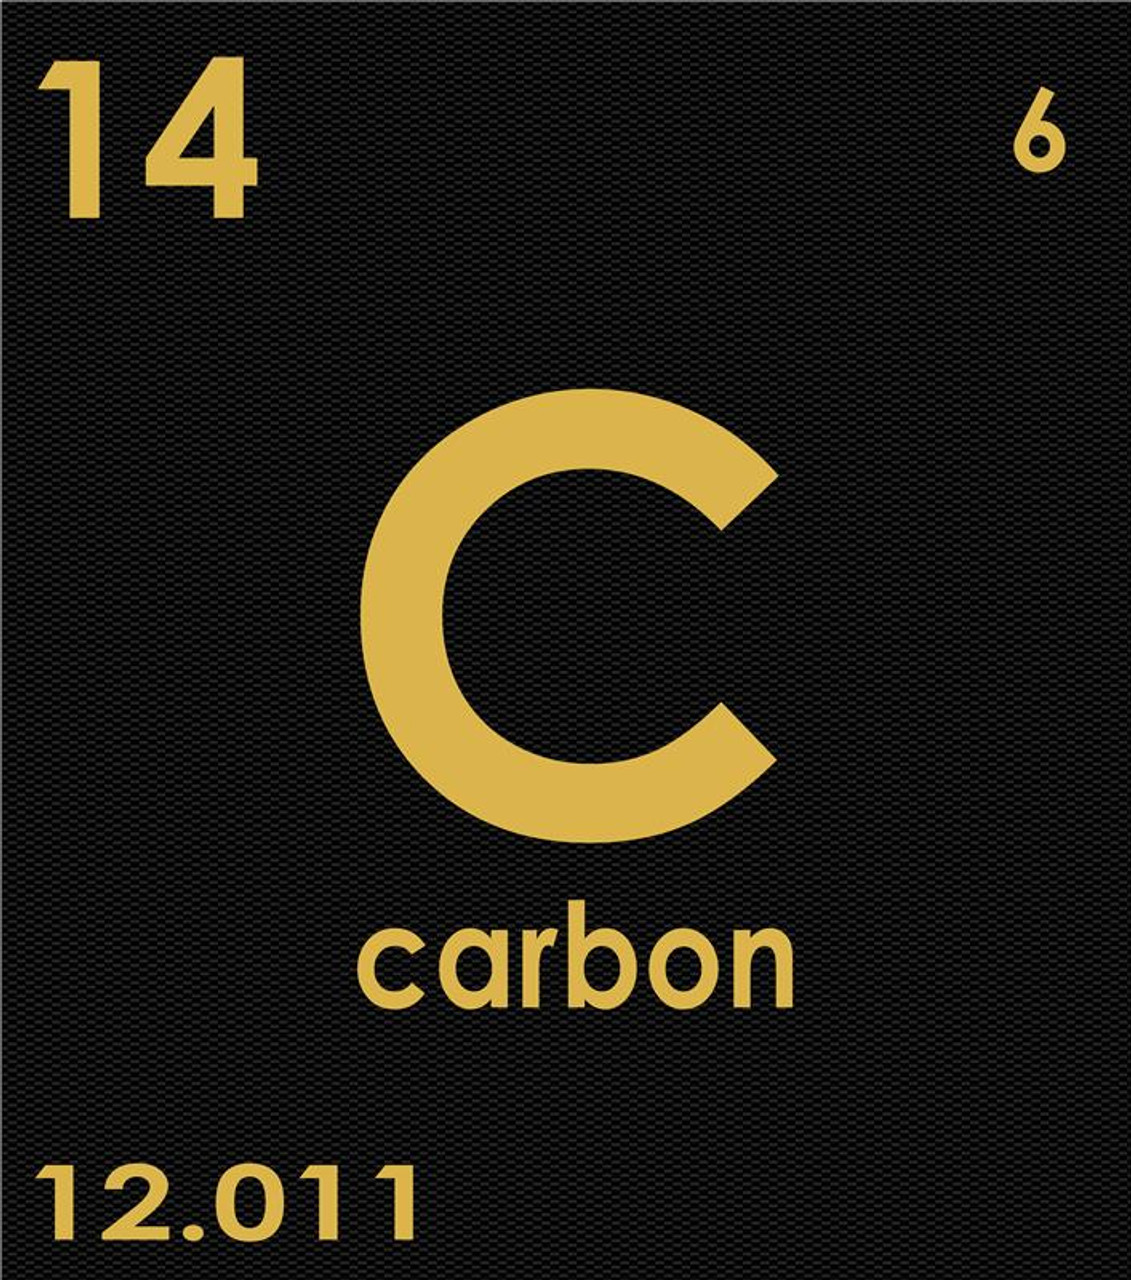 240 RSS CarbonAero Complete Kit (991.1 GT3)